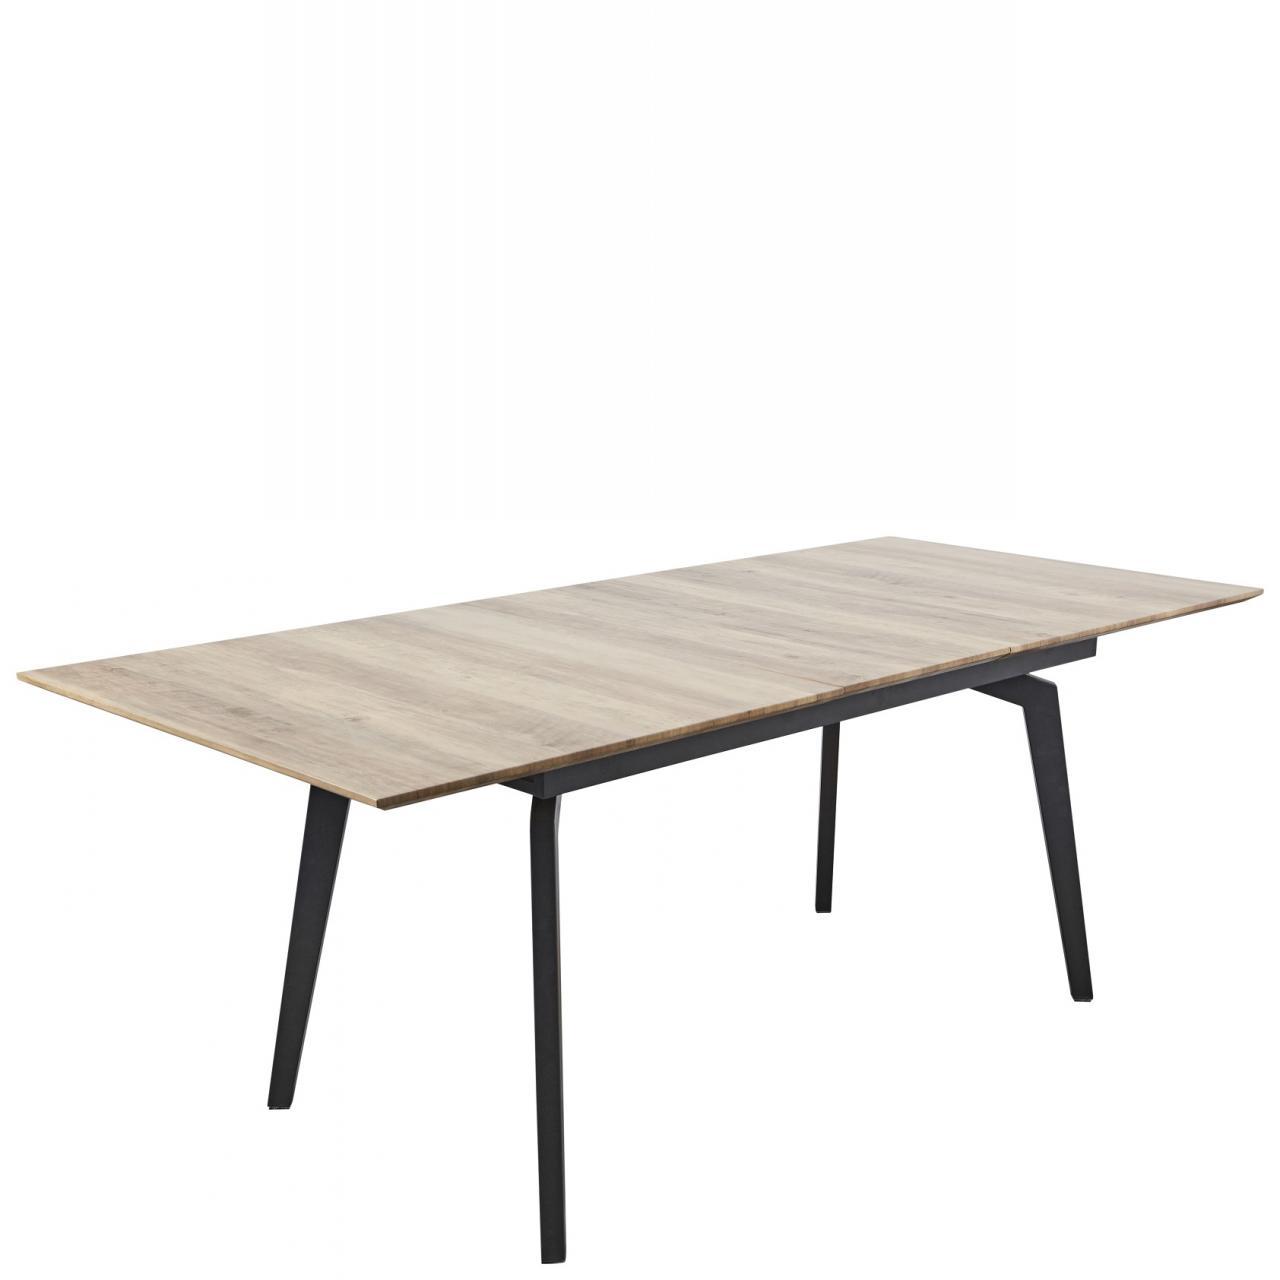 Full Size of Esstische Ausziehbar Sofa Runde Esstisch Designer Bett Runder Massivholz Moderne Rund Holz Ausziehbarer 160 Massiv Glas Design Esstische Esstische Ausziehbar